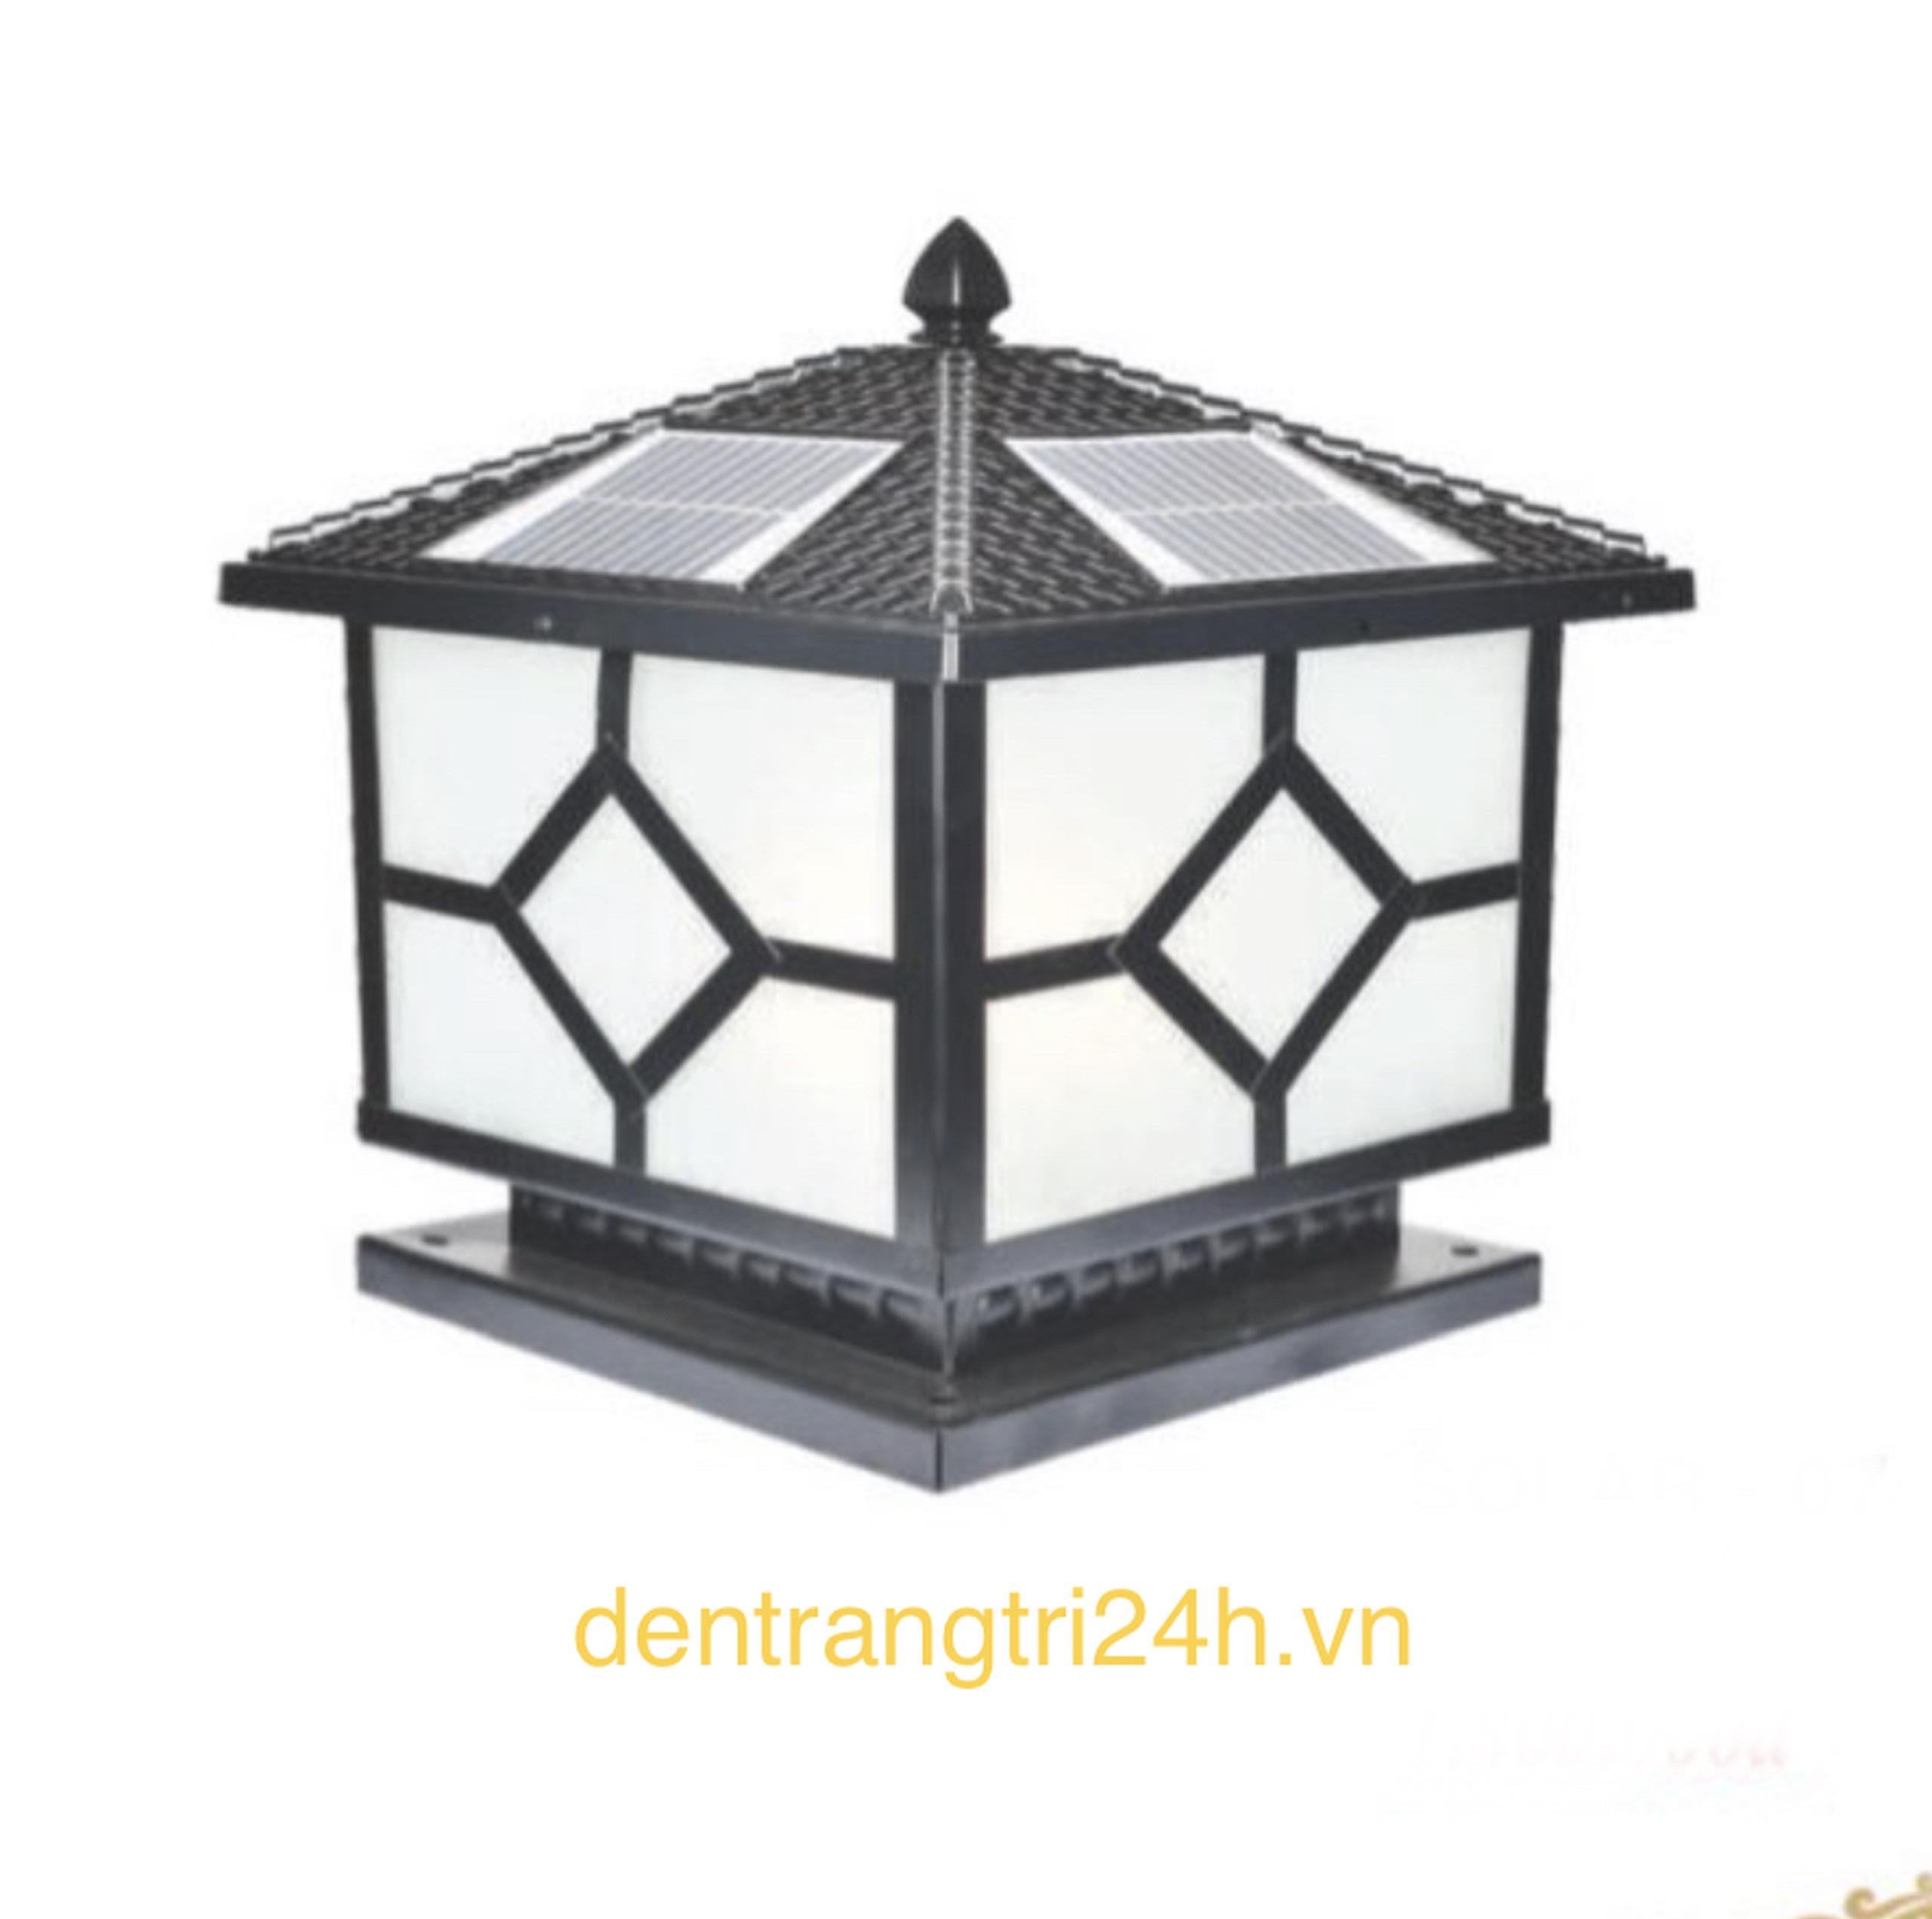 Đèn trụ cổng năng lượng mặt trời CT1 Solar-08  L400xH350